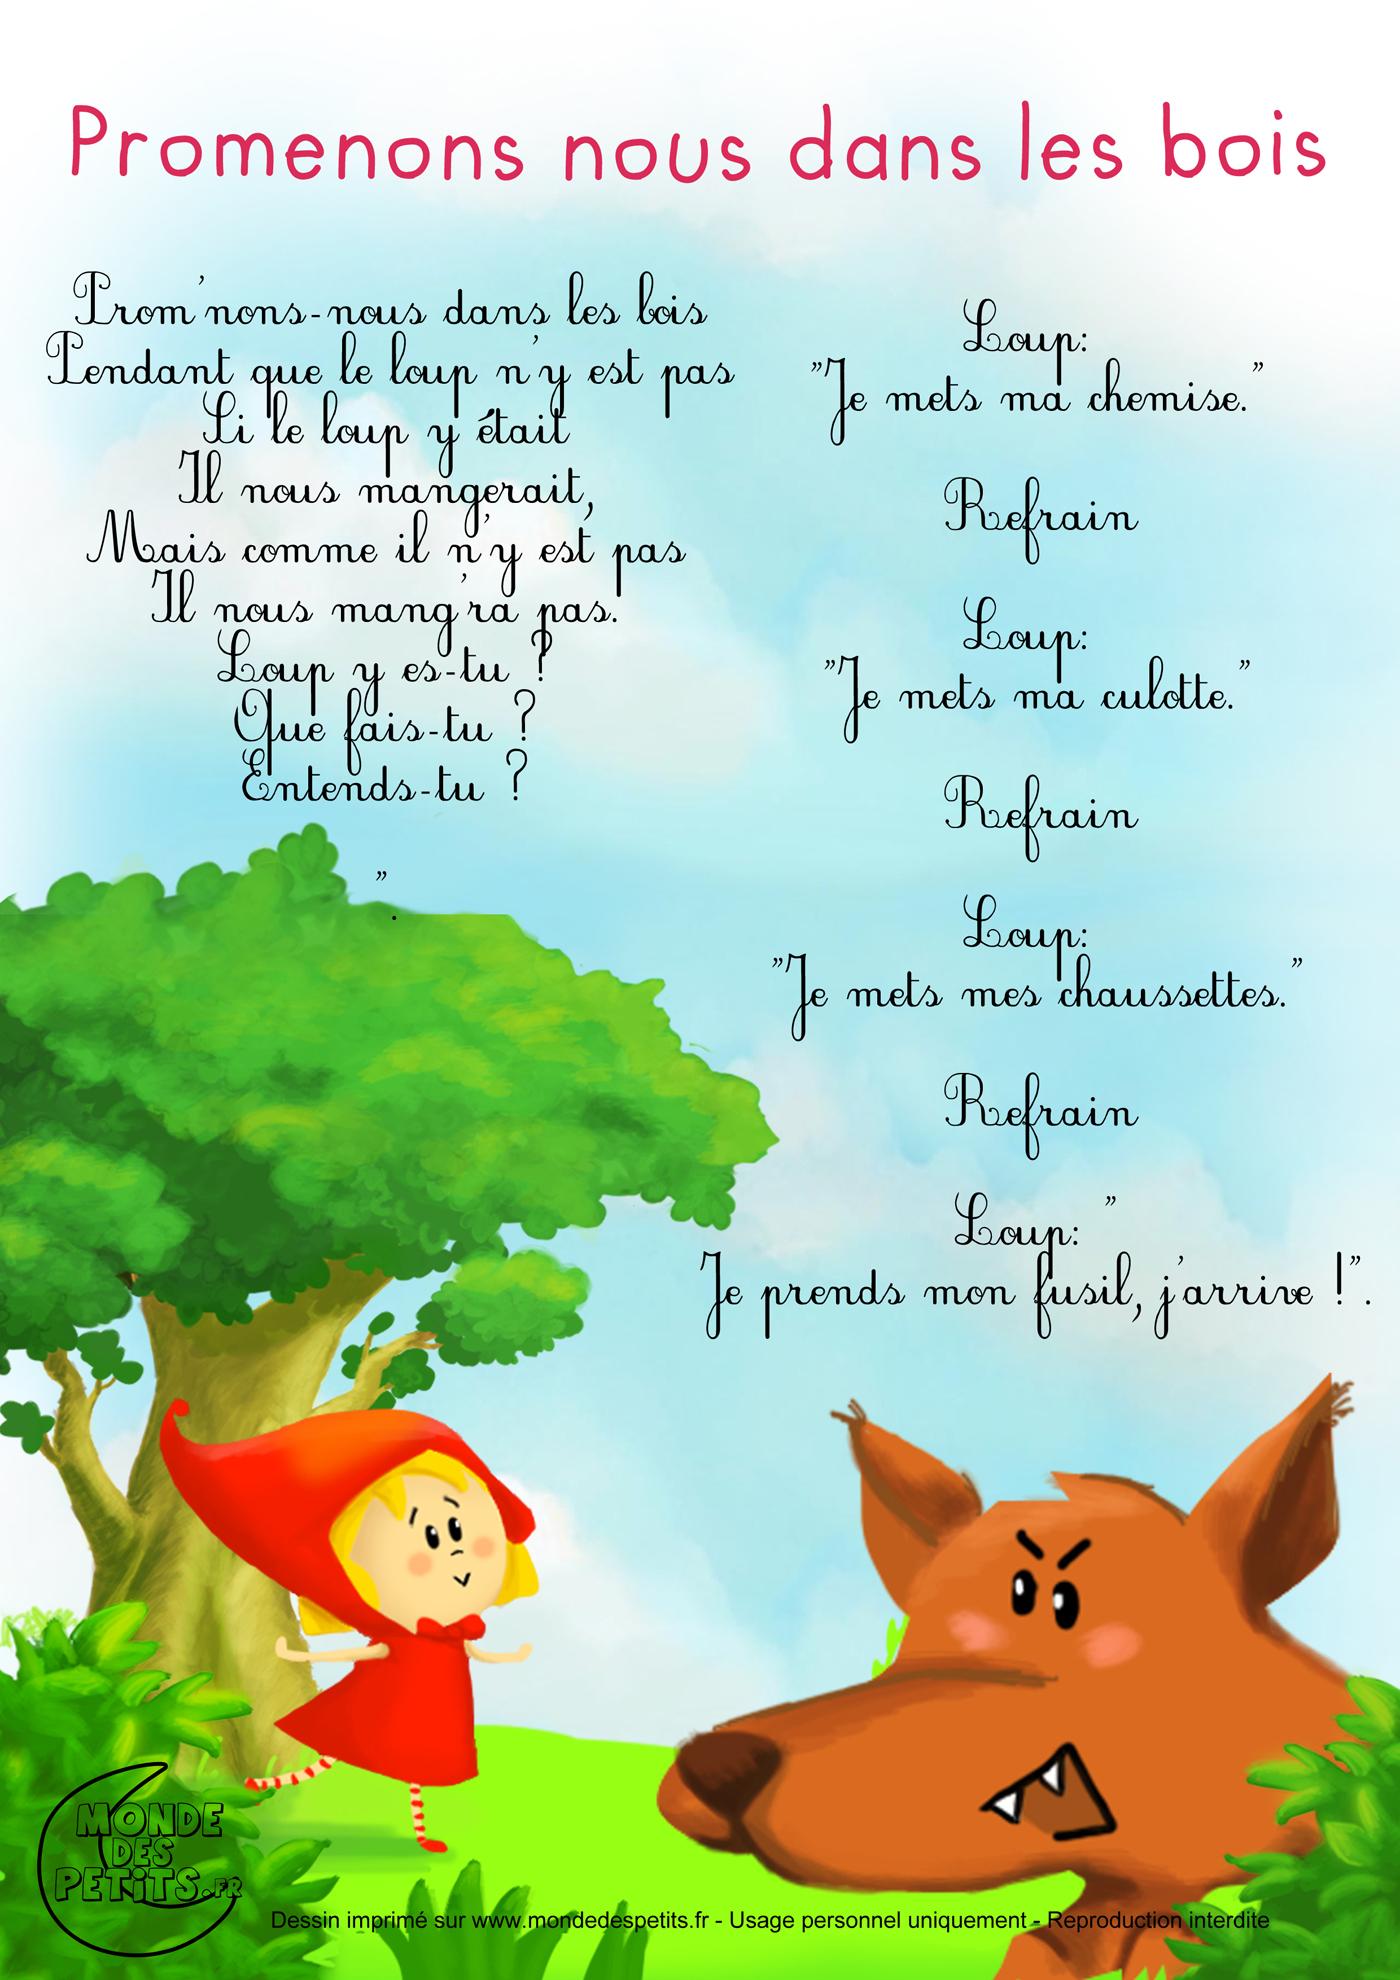 Monde Des Petits - Promenons Nous Dans Les Bois destiné Monde Des Petits